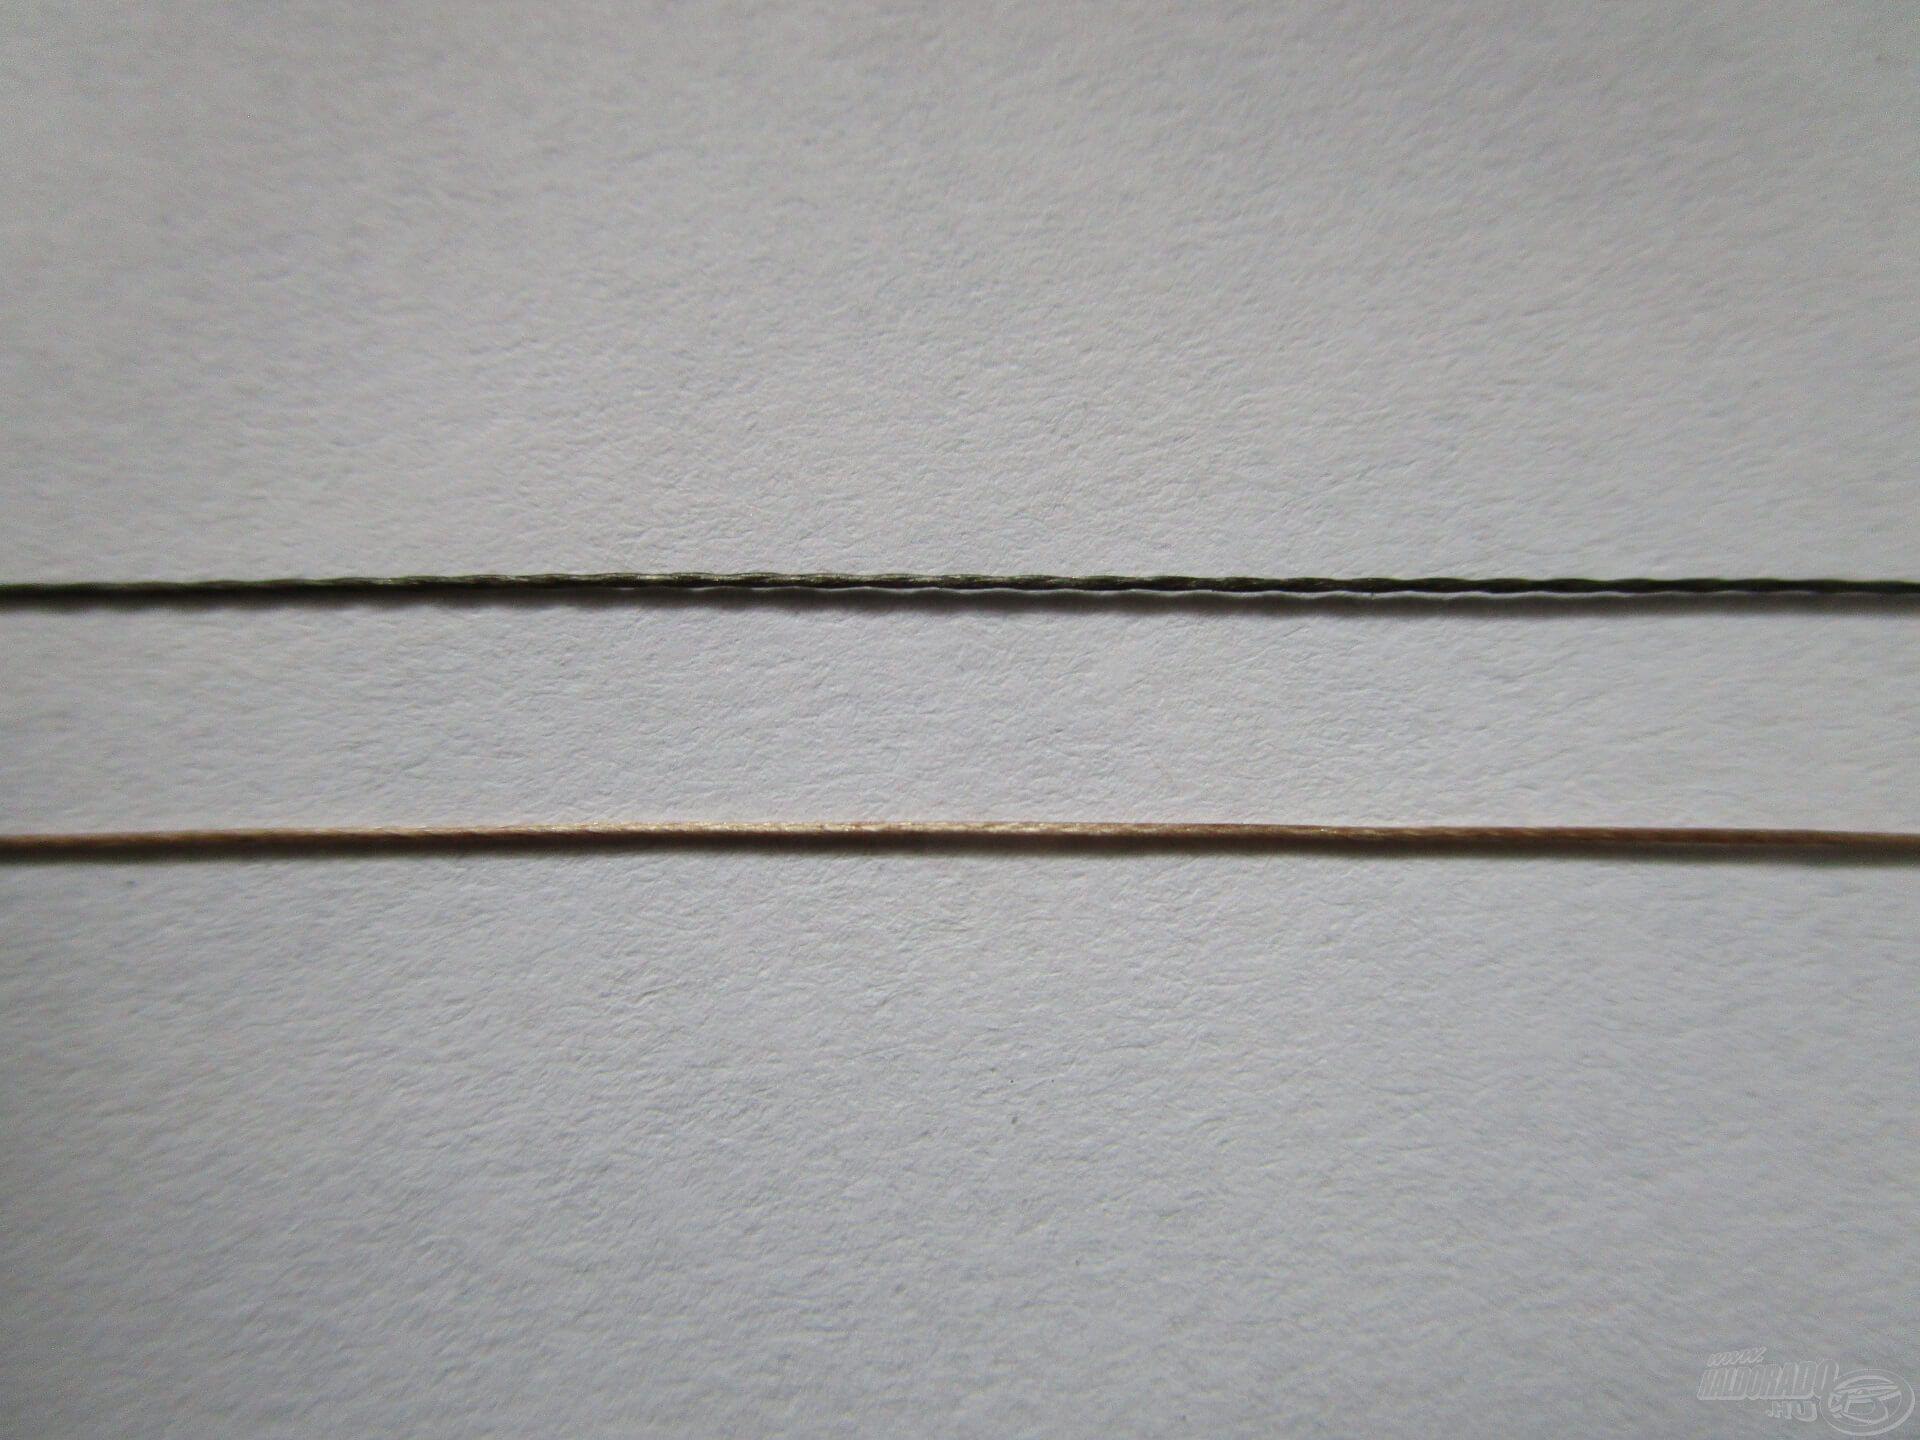 E képen alul a 16-os Haldorádó BRAXX Long Cast látható, felette pedig egy olcsóbb 15-ös fonott zsinór